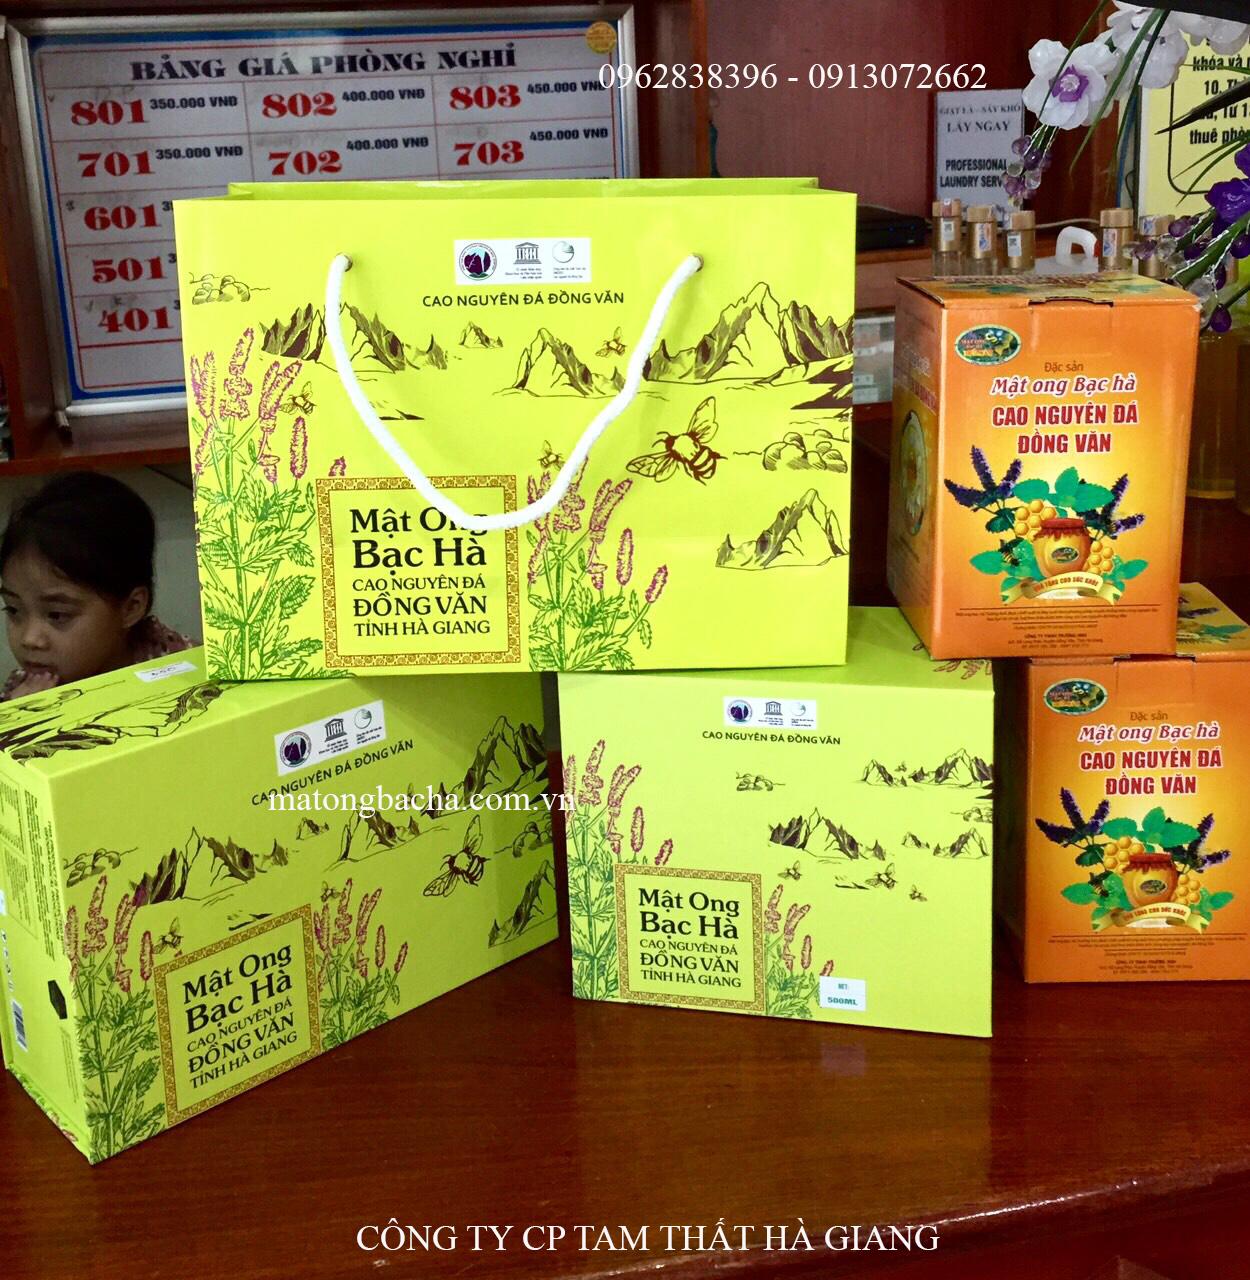 Sản phẩm hộp quà tặng mật ong bạc hà cao cấp.